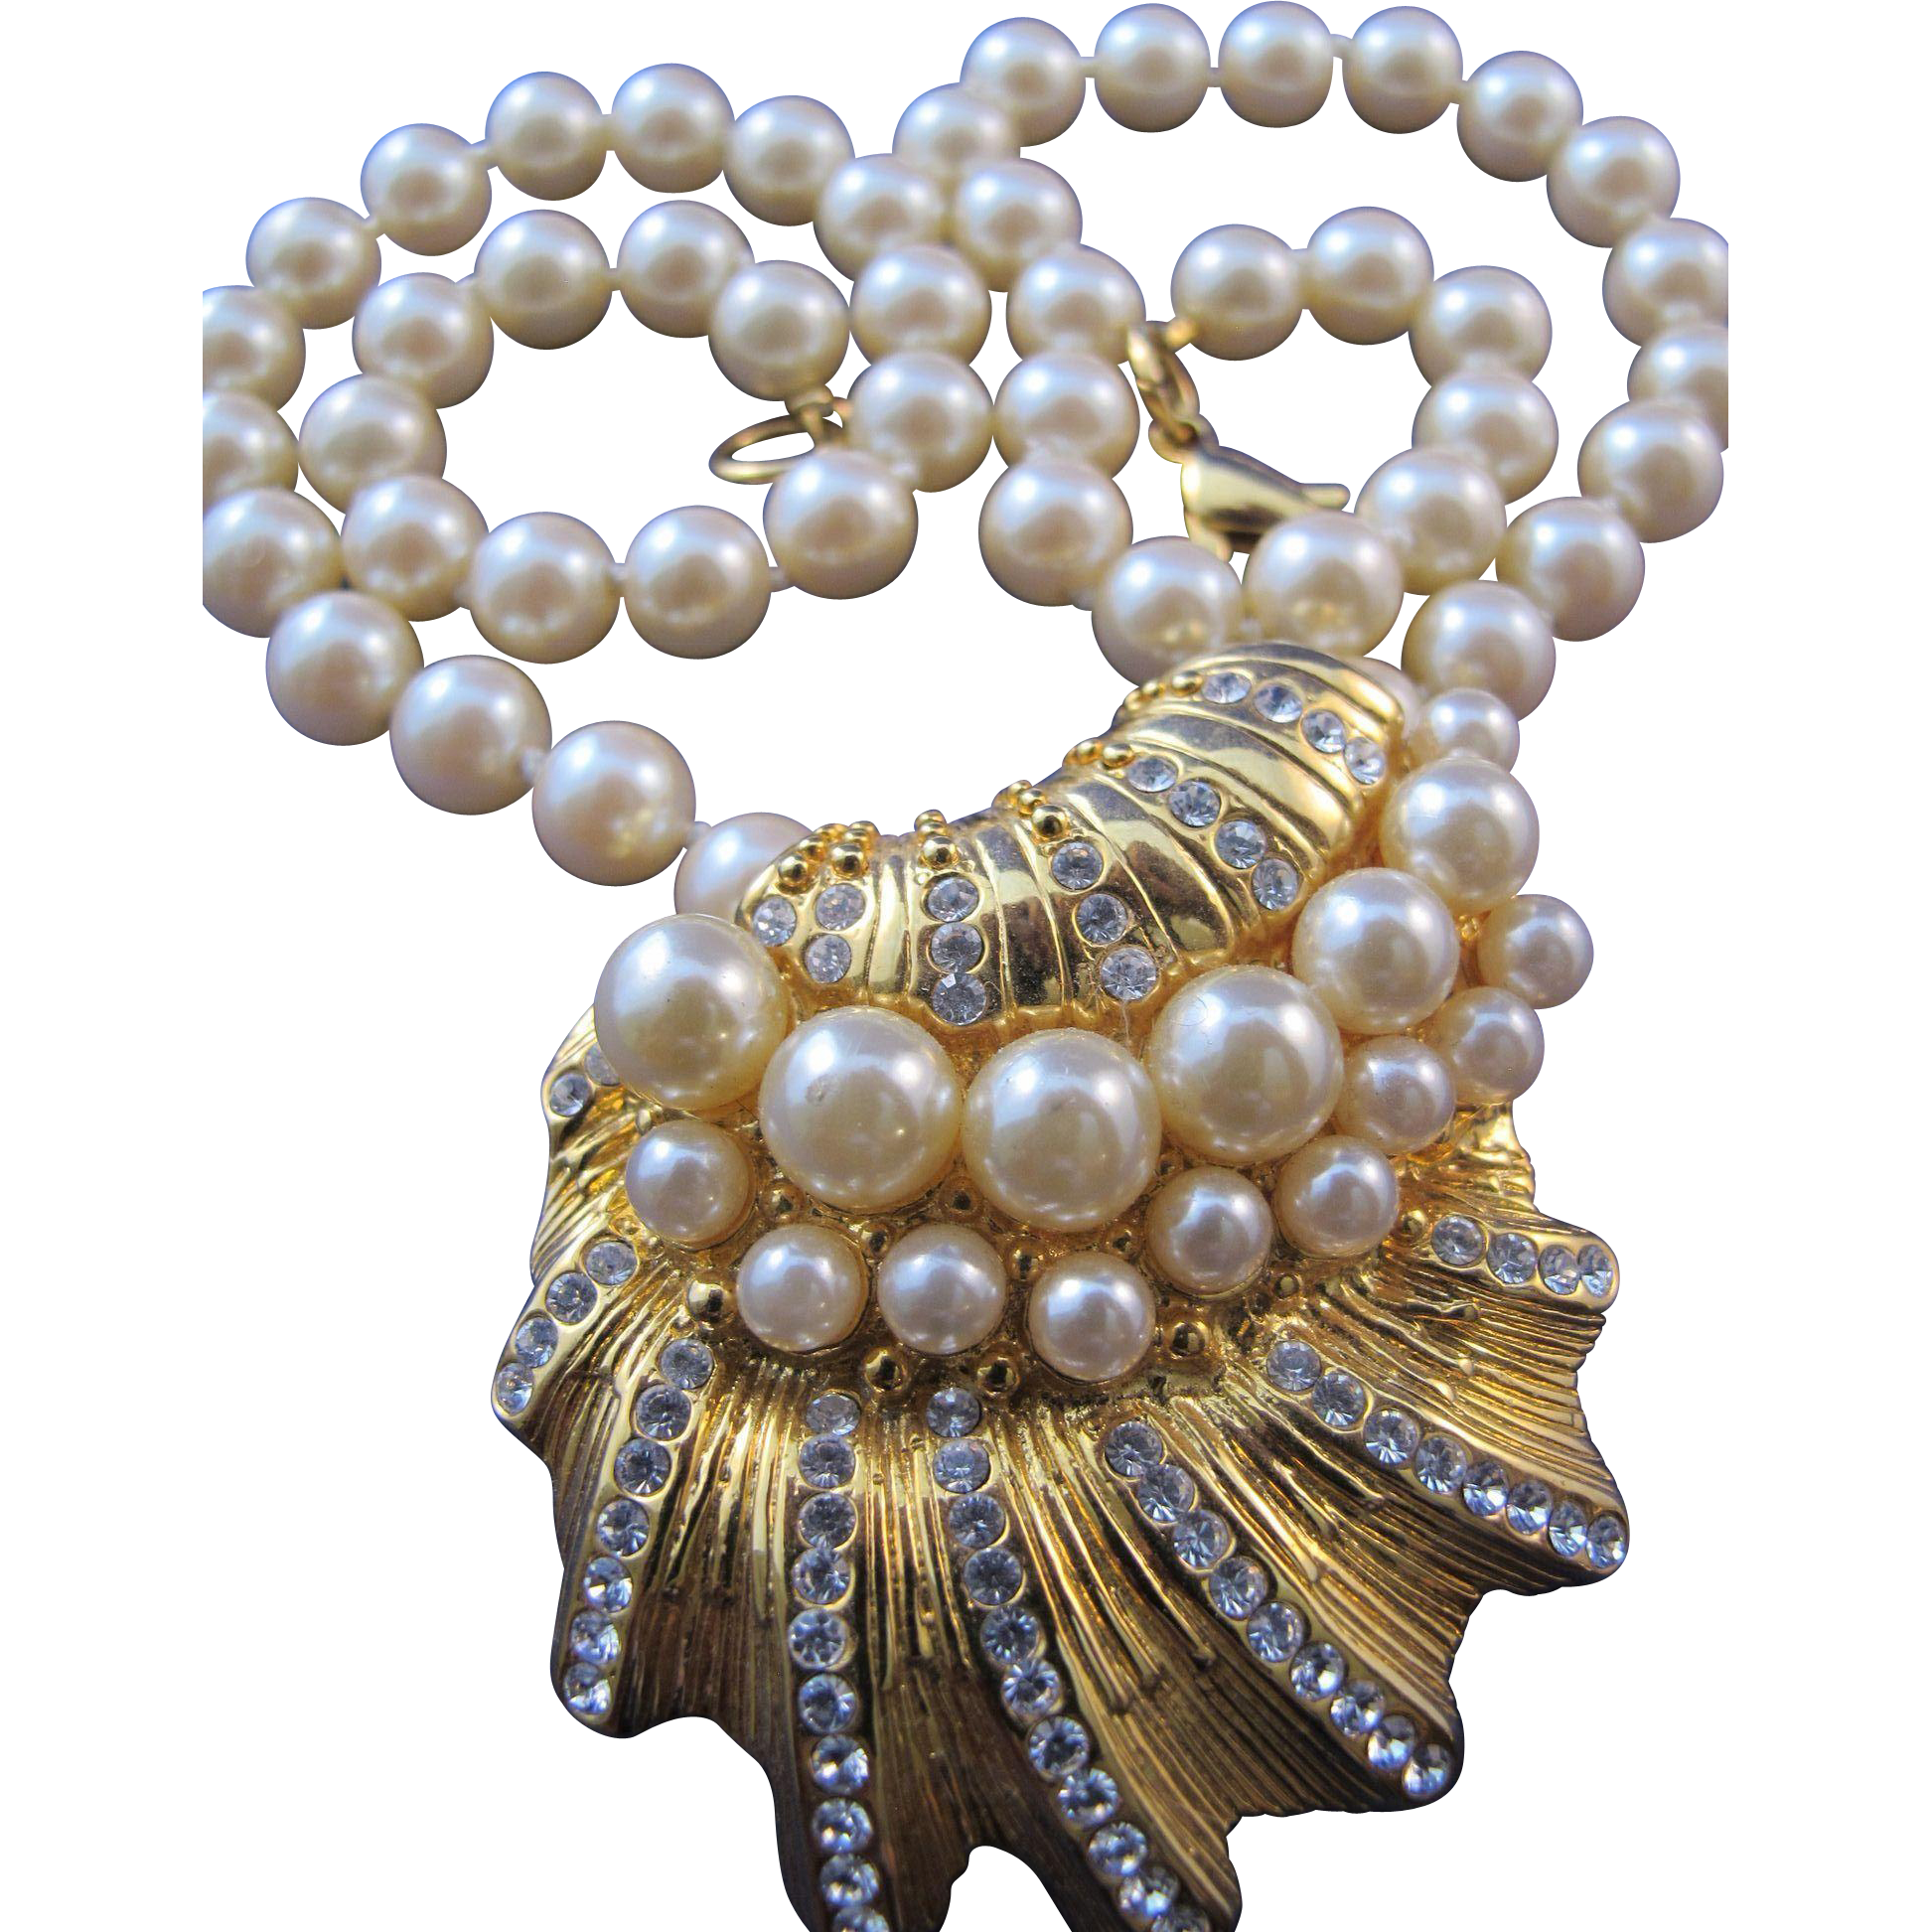 Edgar Berebi Jewelry The Best Photo Vidhayaksansad